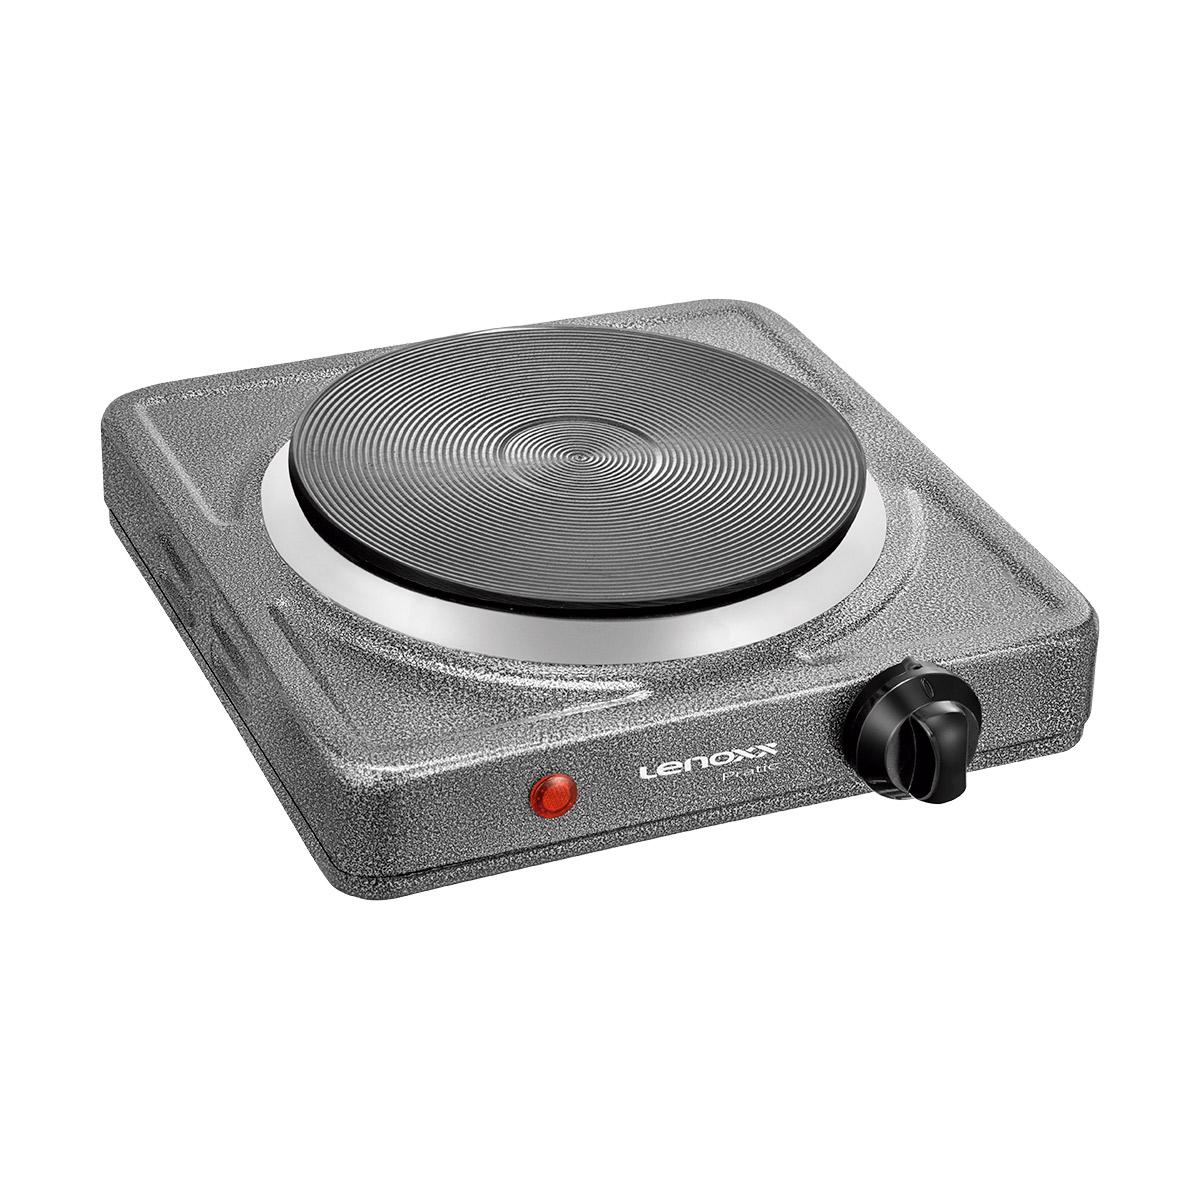 Fogao Eletrico Portatil  1  Boca Lenoxx Pratic Pfe351 - 127V